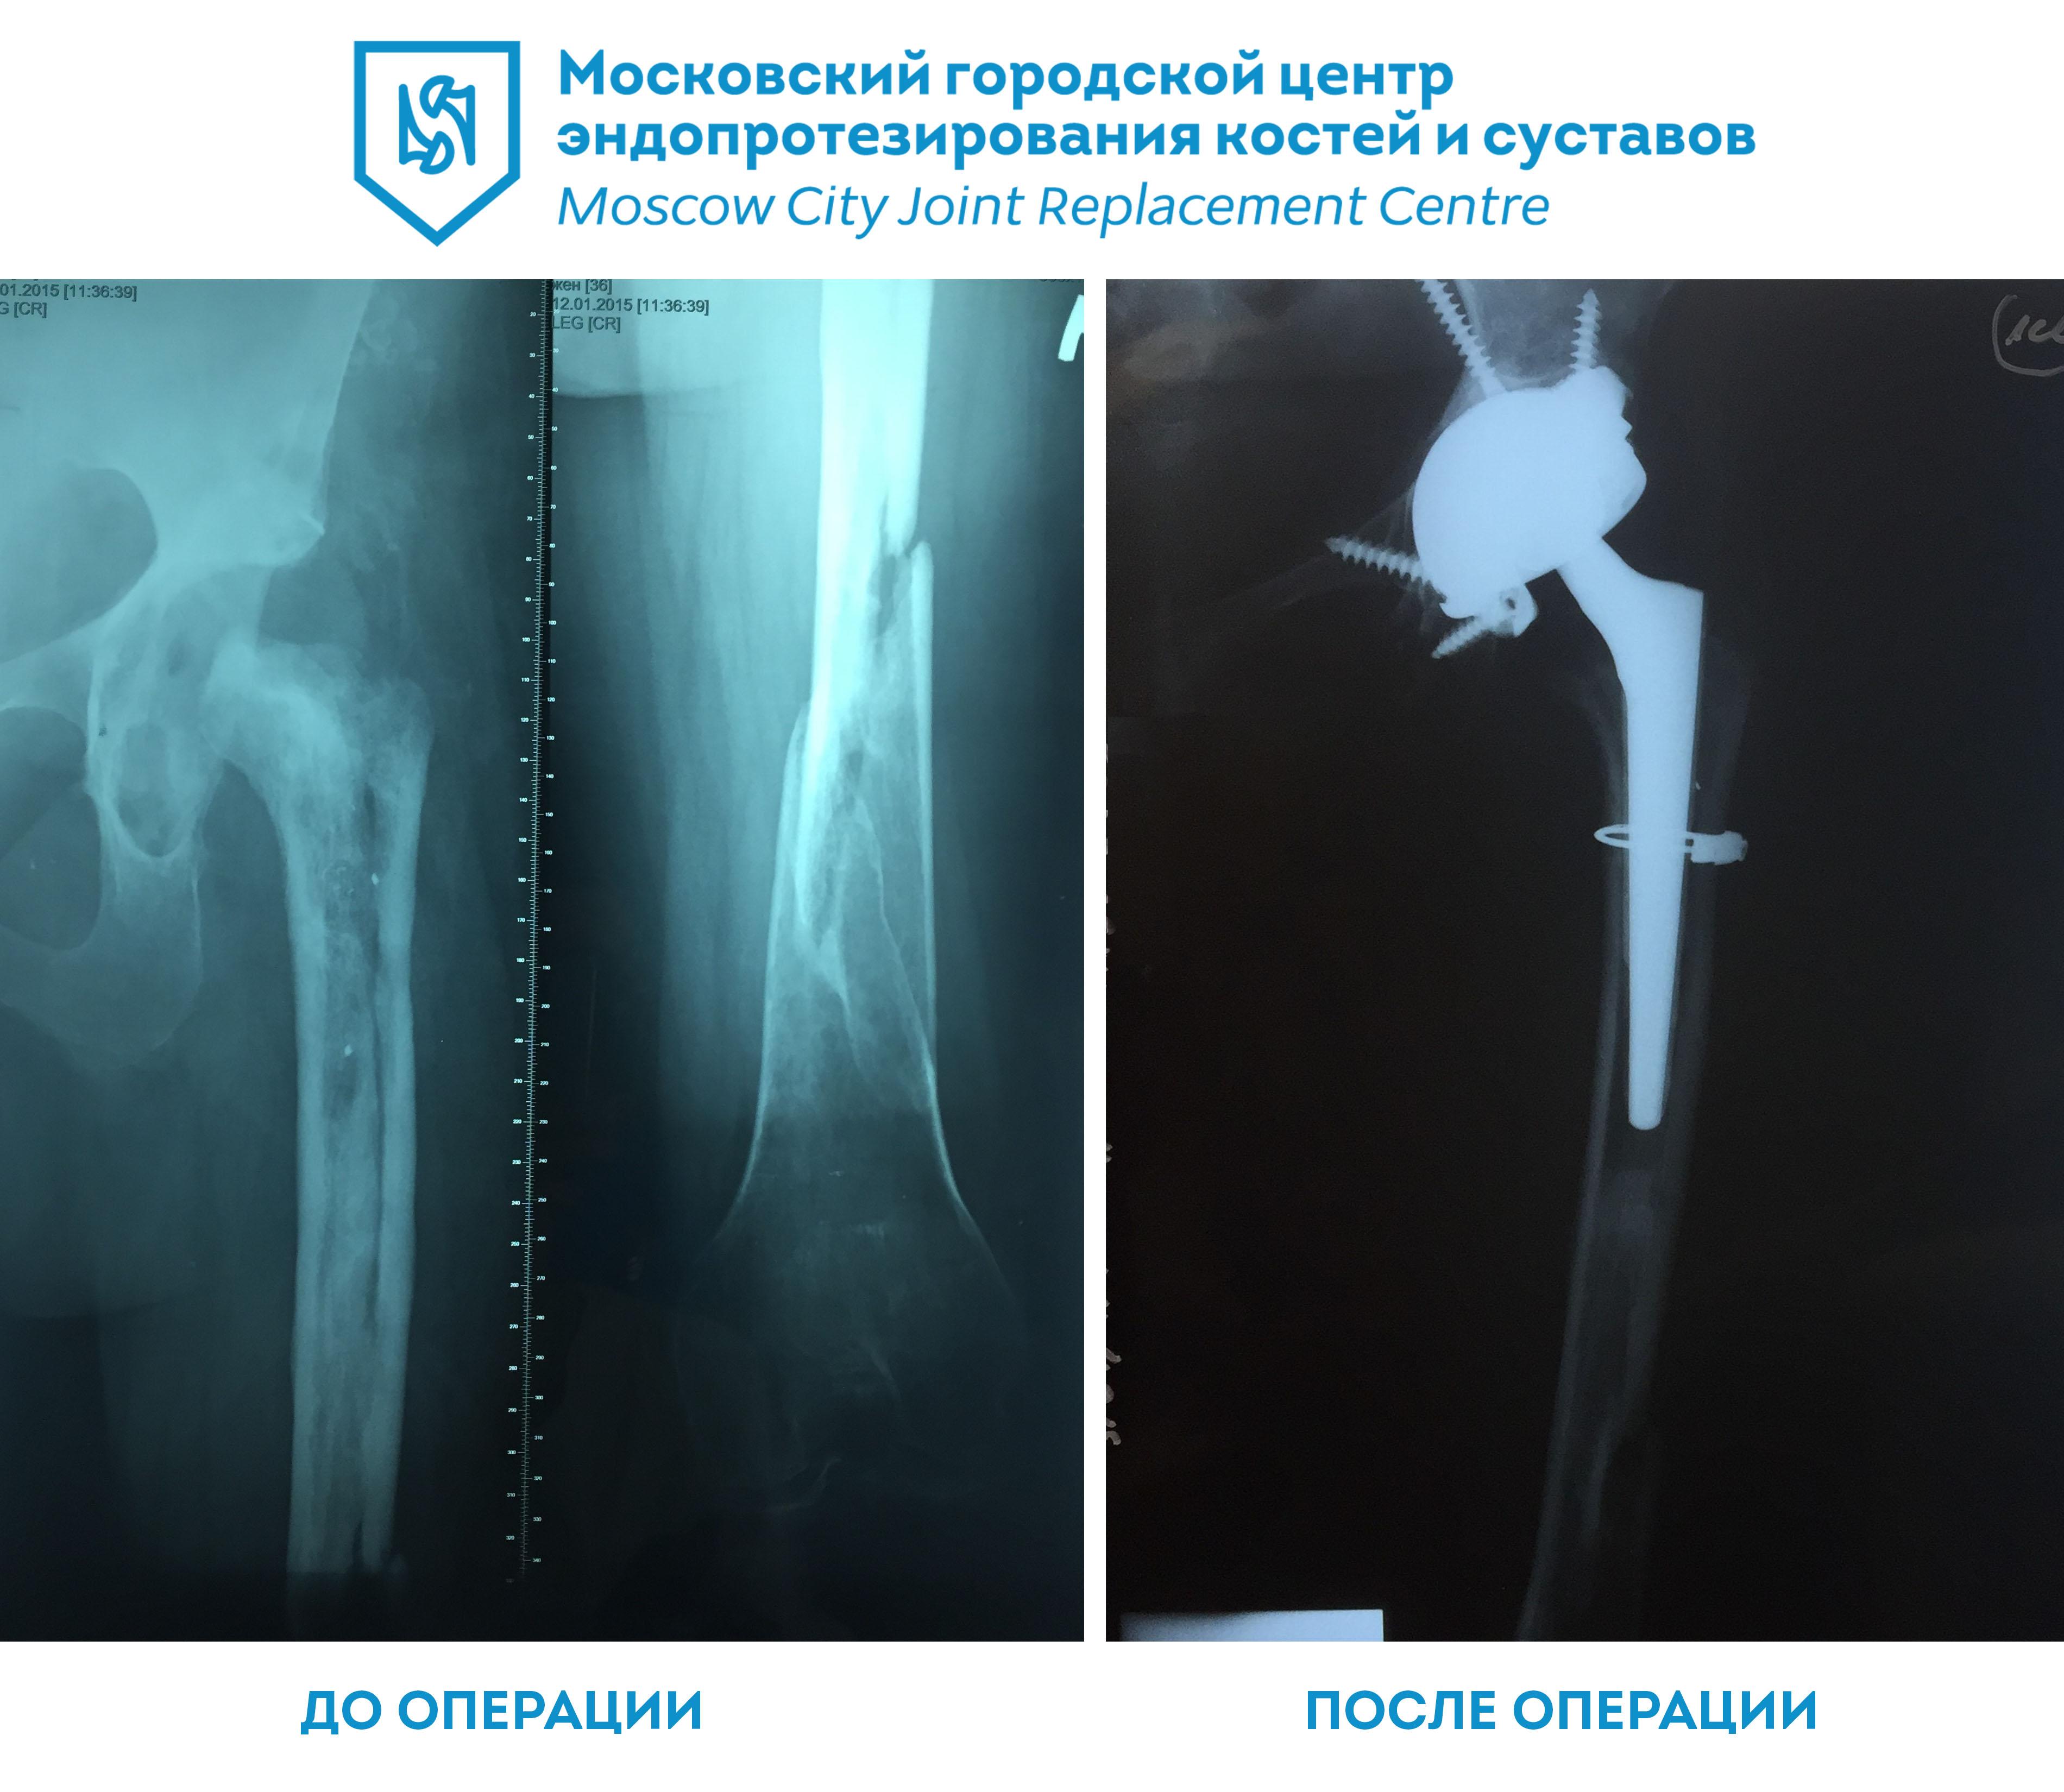 Центр суставы москва первичное эндопротезирование коленного сустава